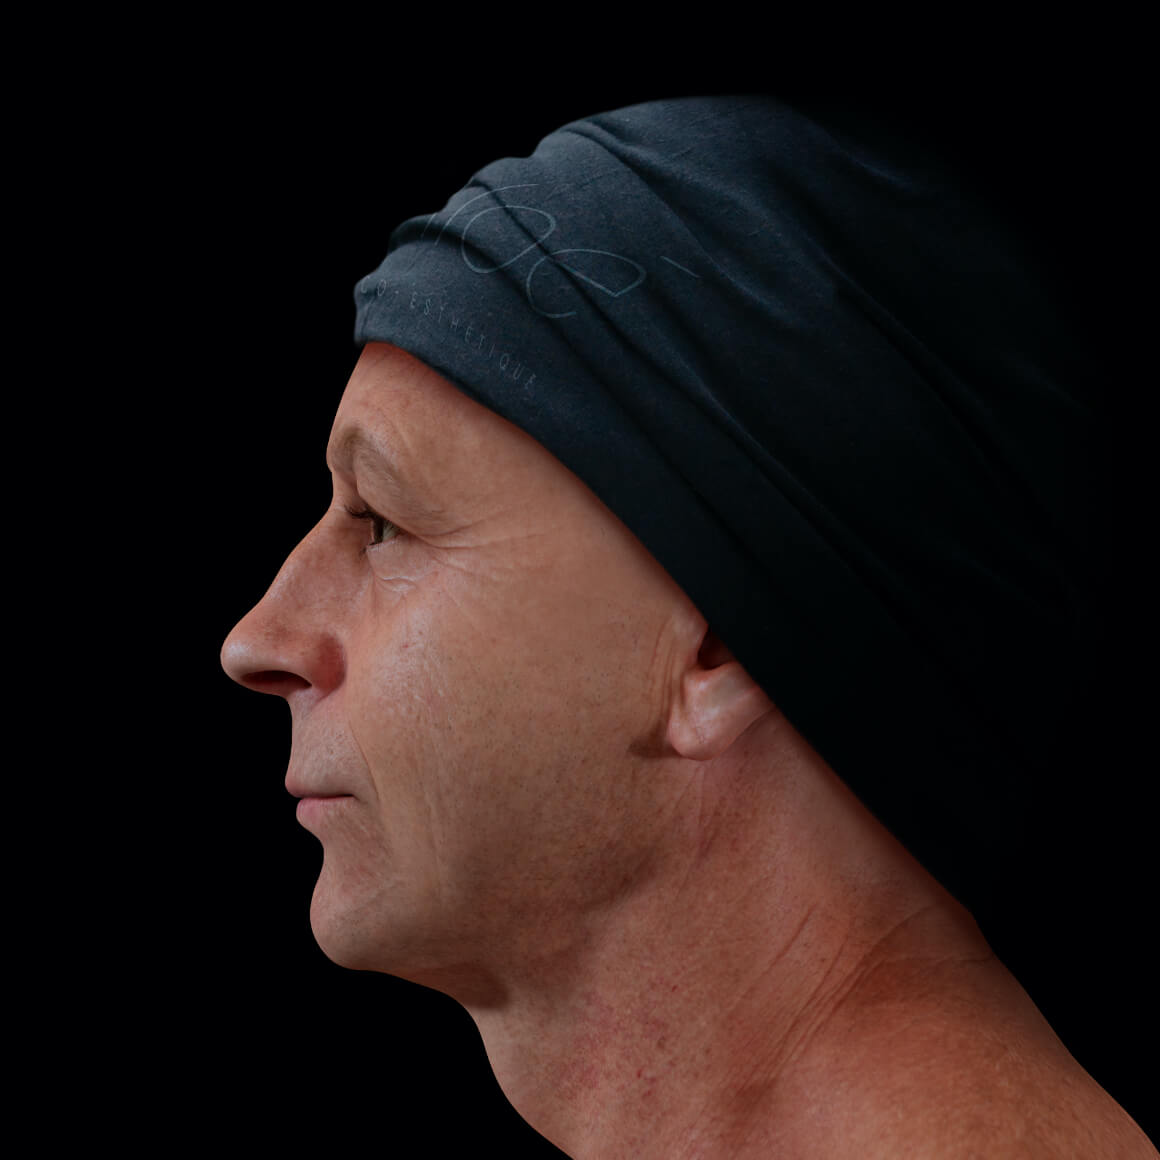 Patient de la Clinique Chloé positionné de côté après des traitements de microneedling contre les pores dilatés